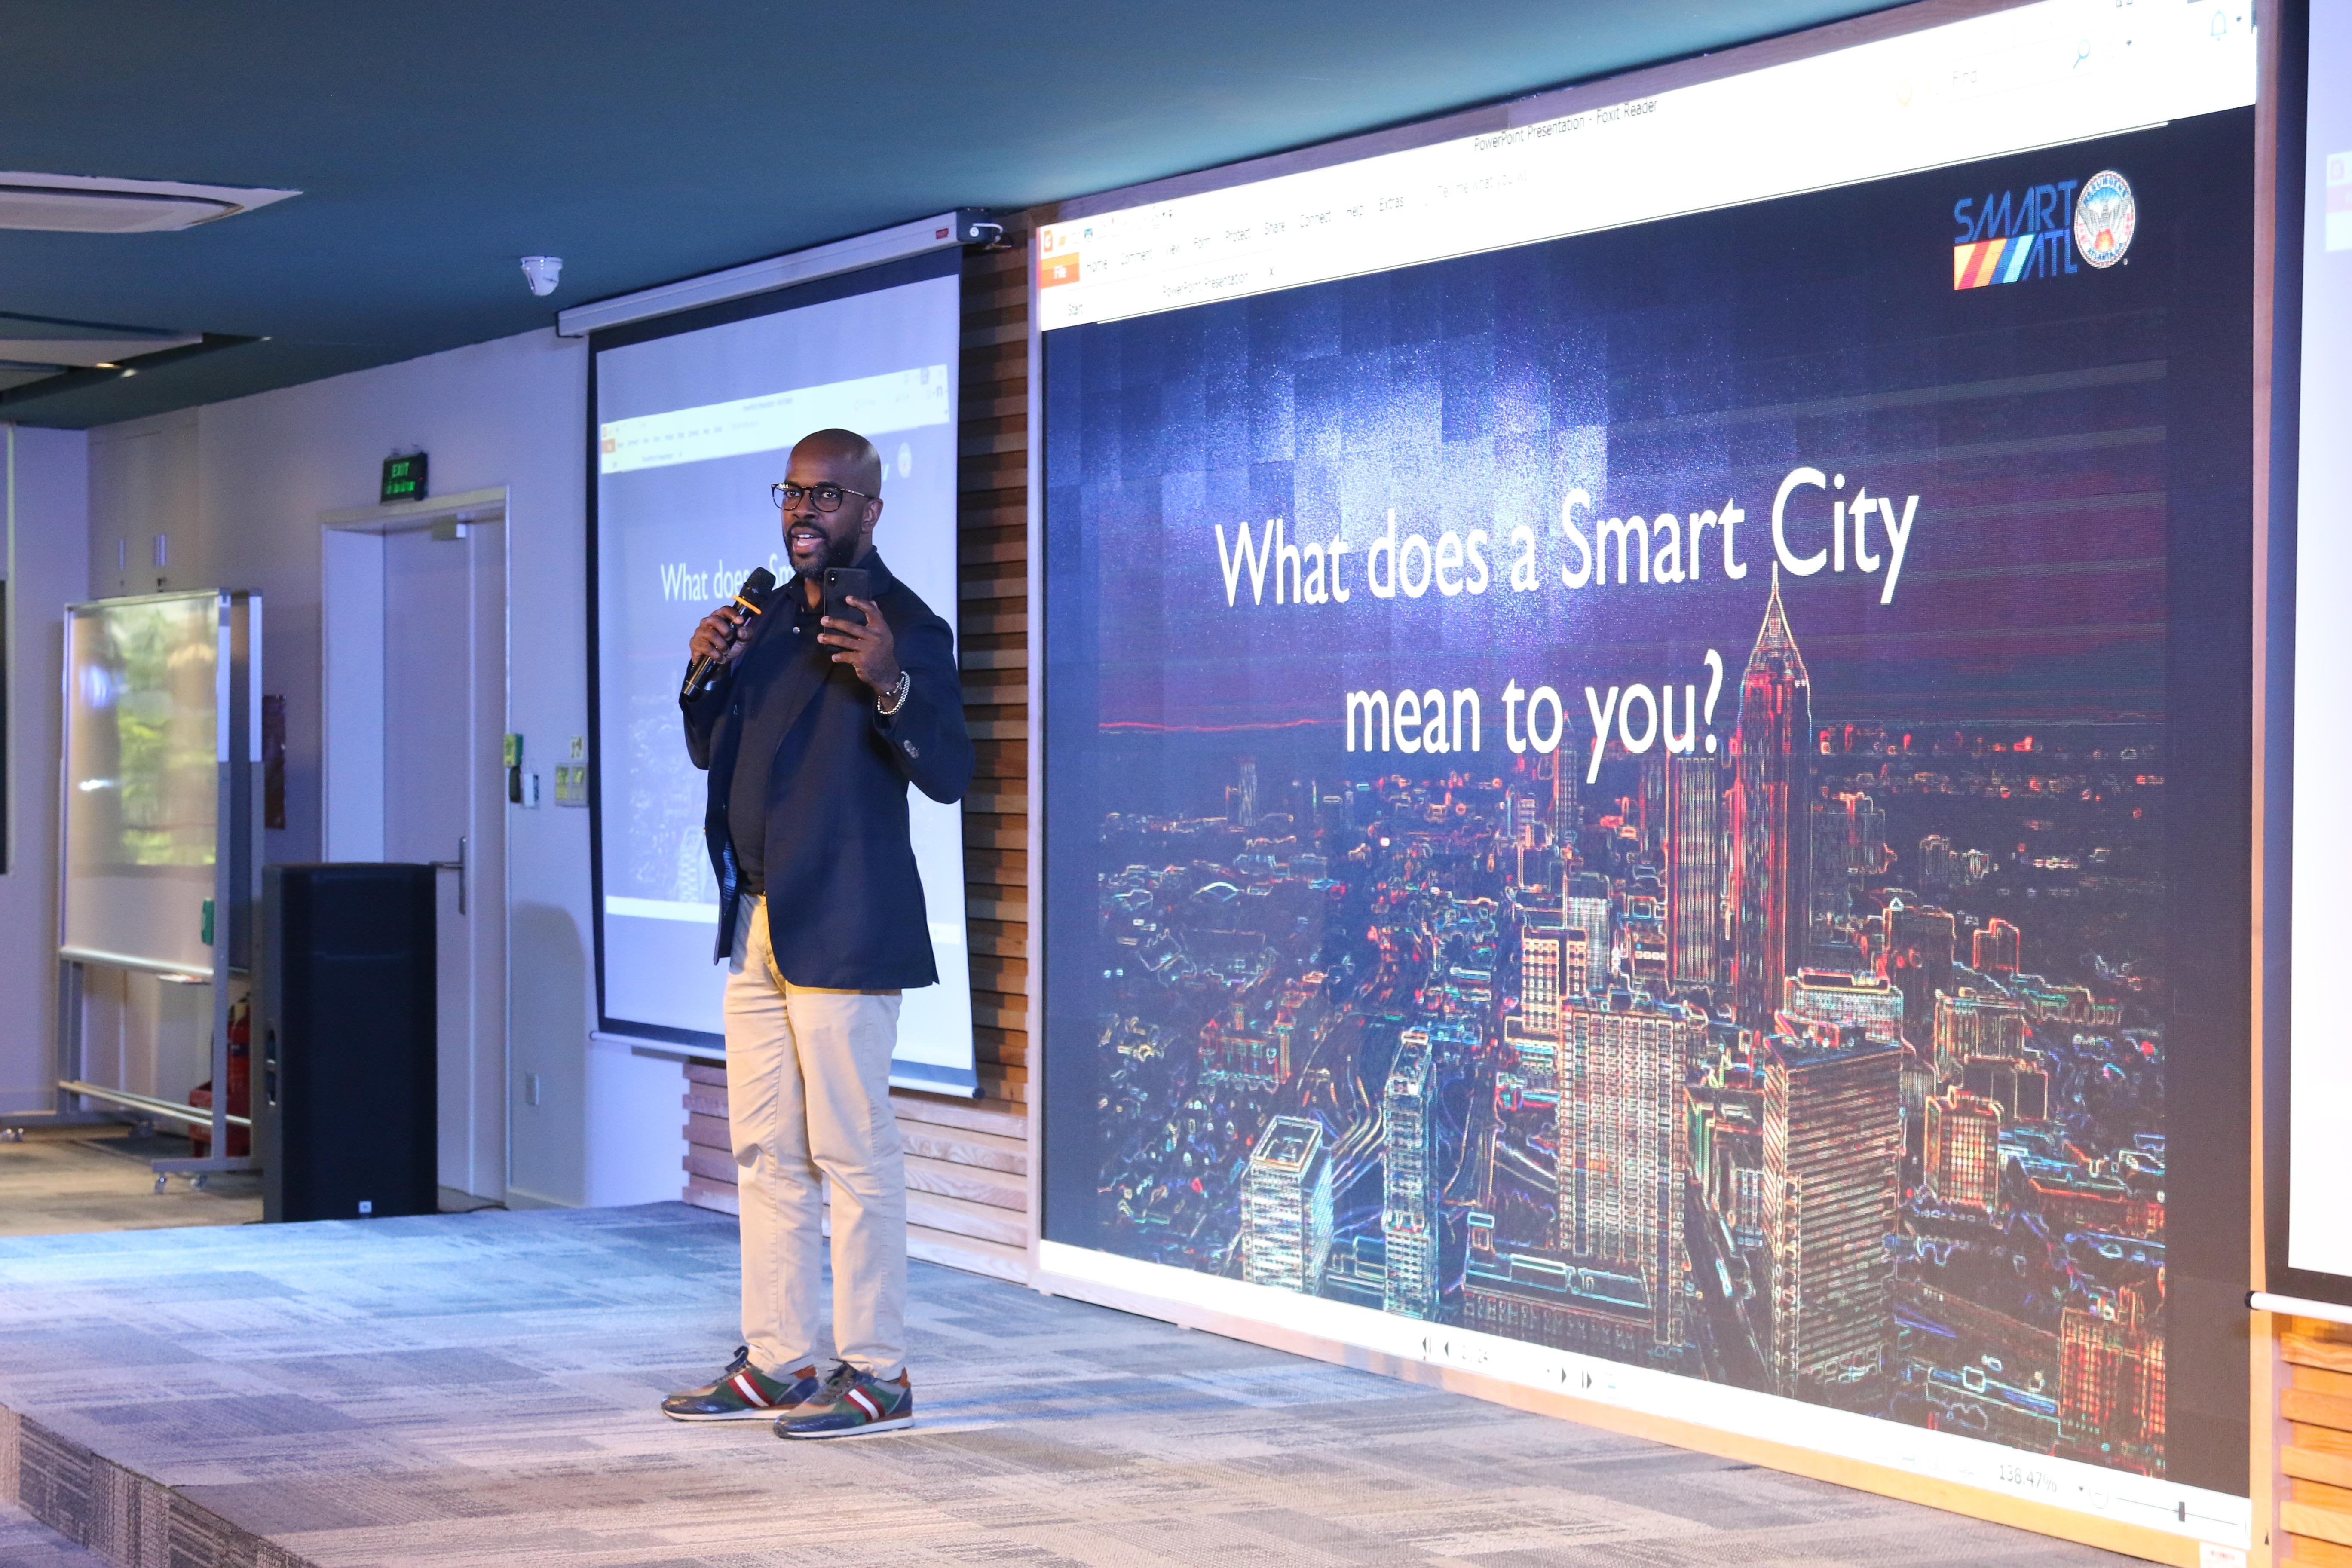 """Diễn giả Gary Brantley, CIO City of Atlanta, tập trung chia sẻ về Đô thị thông minh. Ông Gary nhận định: """"Đô thị thông minh là loại hình đô thị tận dụng công nghệ khiến cuộc sống hằng ngày bền vững, hiệu quả, minh bạch và thông minh hơn"""". Từ đó, đô thị thông minh cũng giúp chia sẻ thông tin với cộng đồng và cải thiện cả chất lượng hành động của chính phủ cũng như phúc lợi cho người dân. """"Chúng phụ thuộc vào công nghệ thông minh, IoT, kết nối không dây, phân tích data và trí tuệ nhân tạo..."""", ông Gary phân tích."""